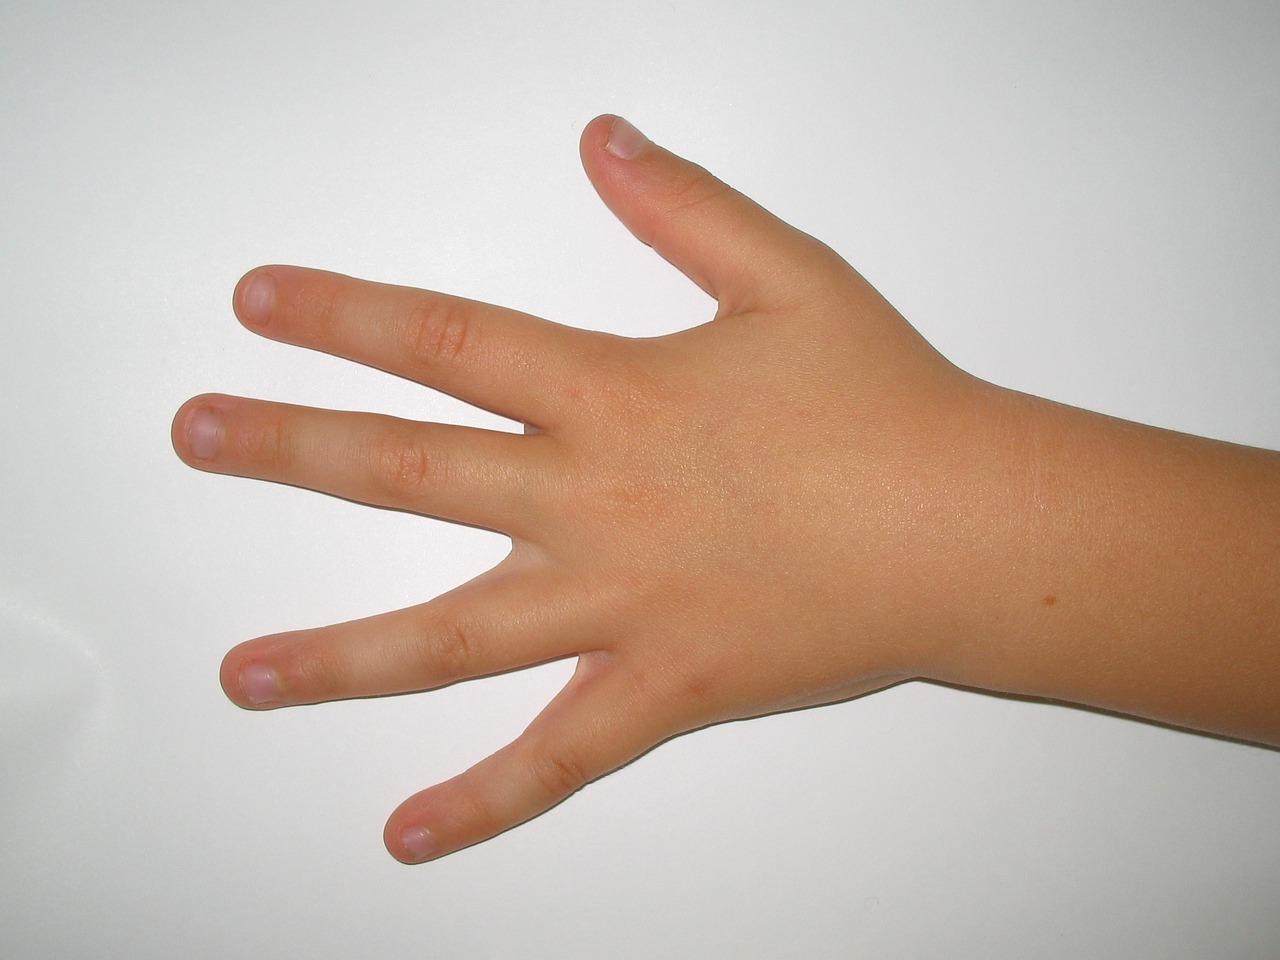 Картинки пальцы без ногтей